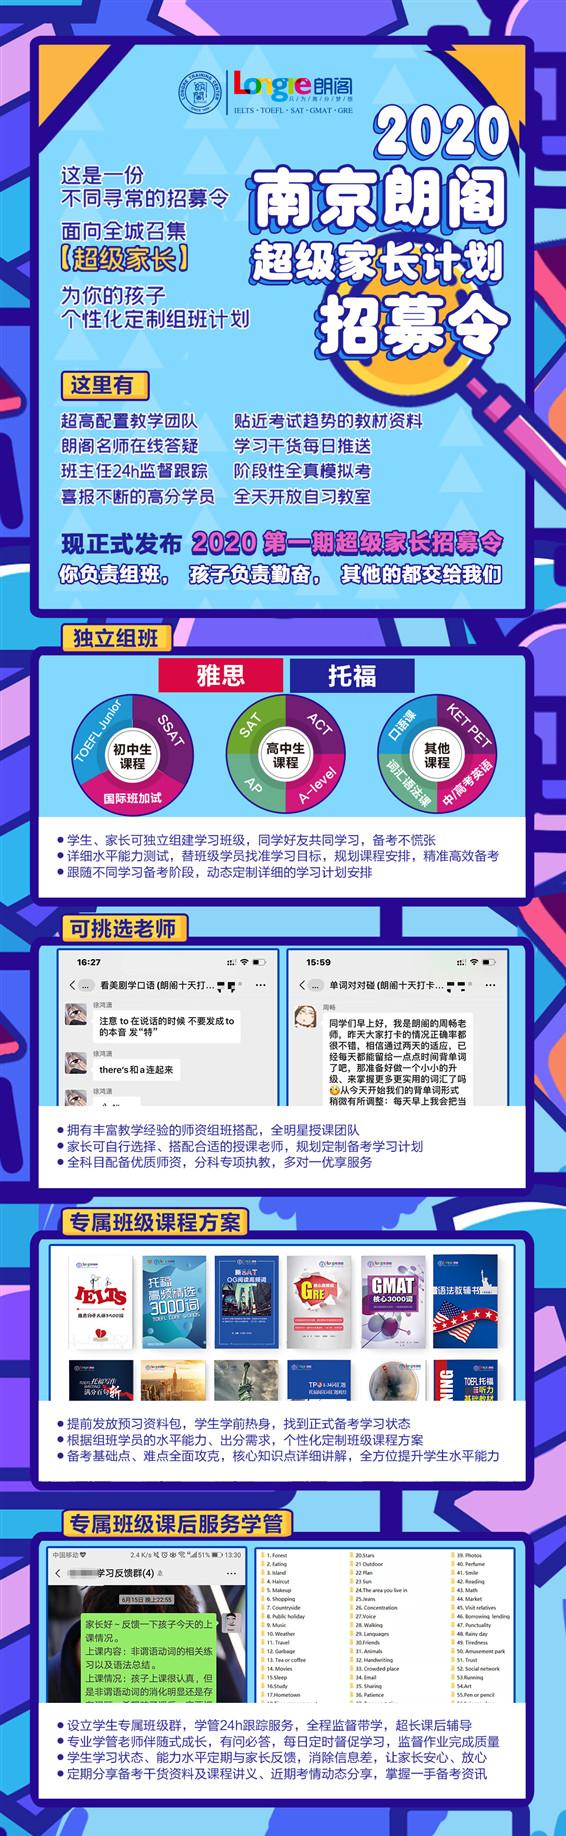 2020南京朗阁 超级家长计划招募令